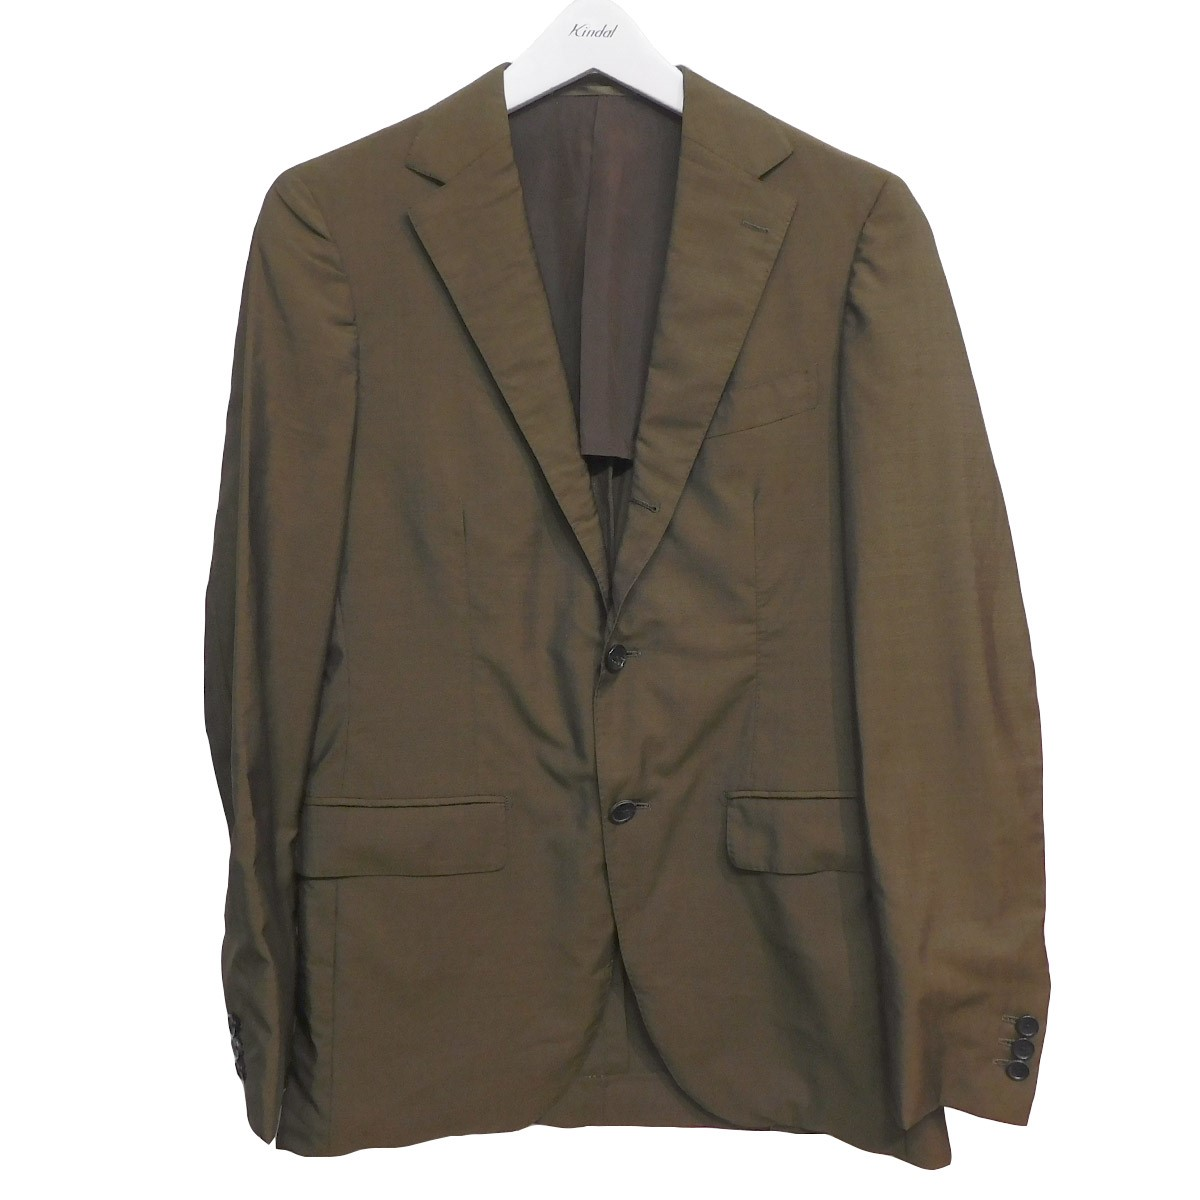 【中古】EDIFICE CANONICO/3Bセットアップ ジャケット スラックス スーツ ブラウン サイズ:46/46 【060920】(エディフィス)